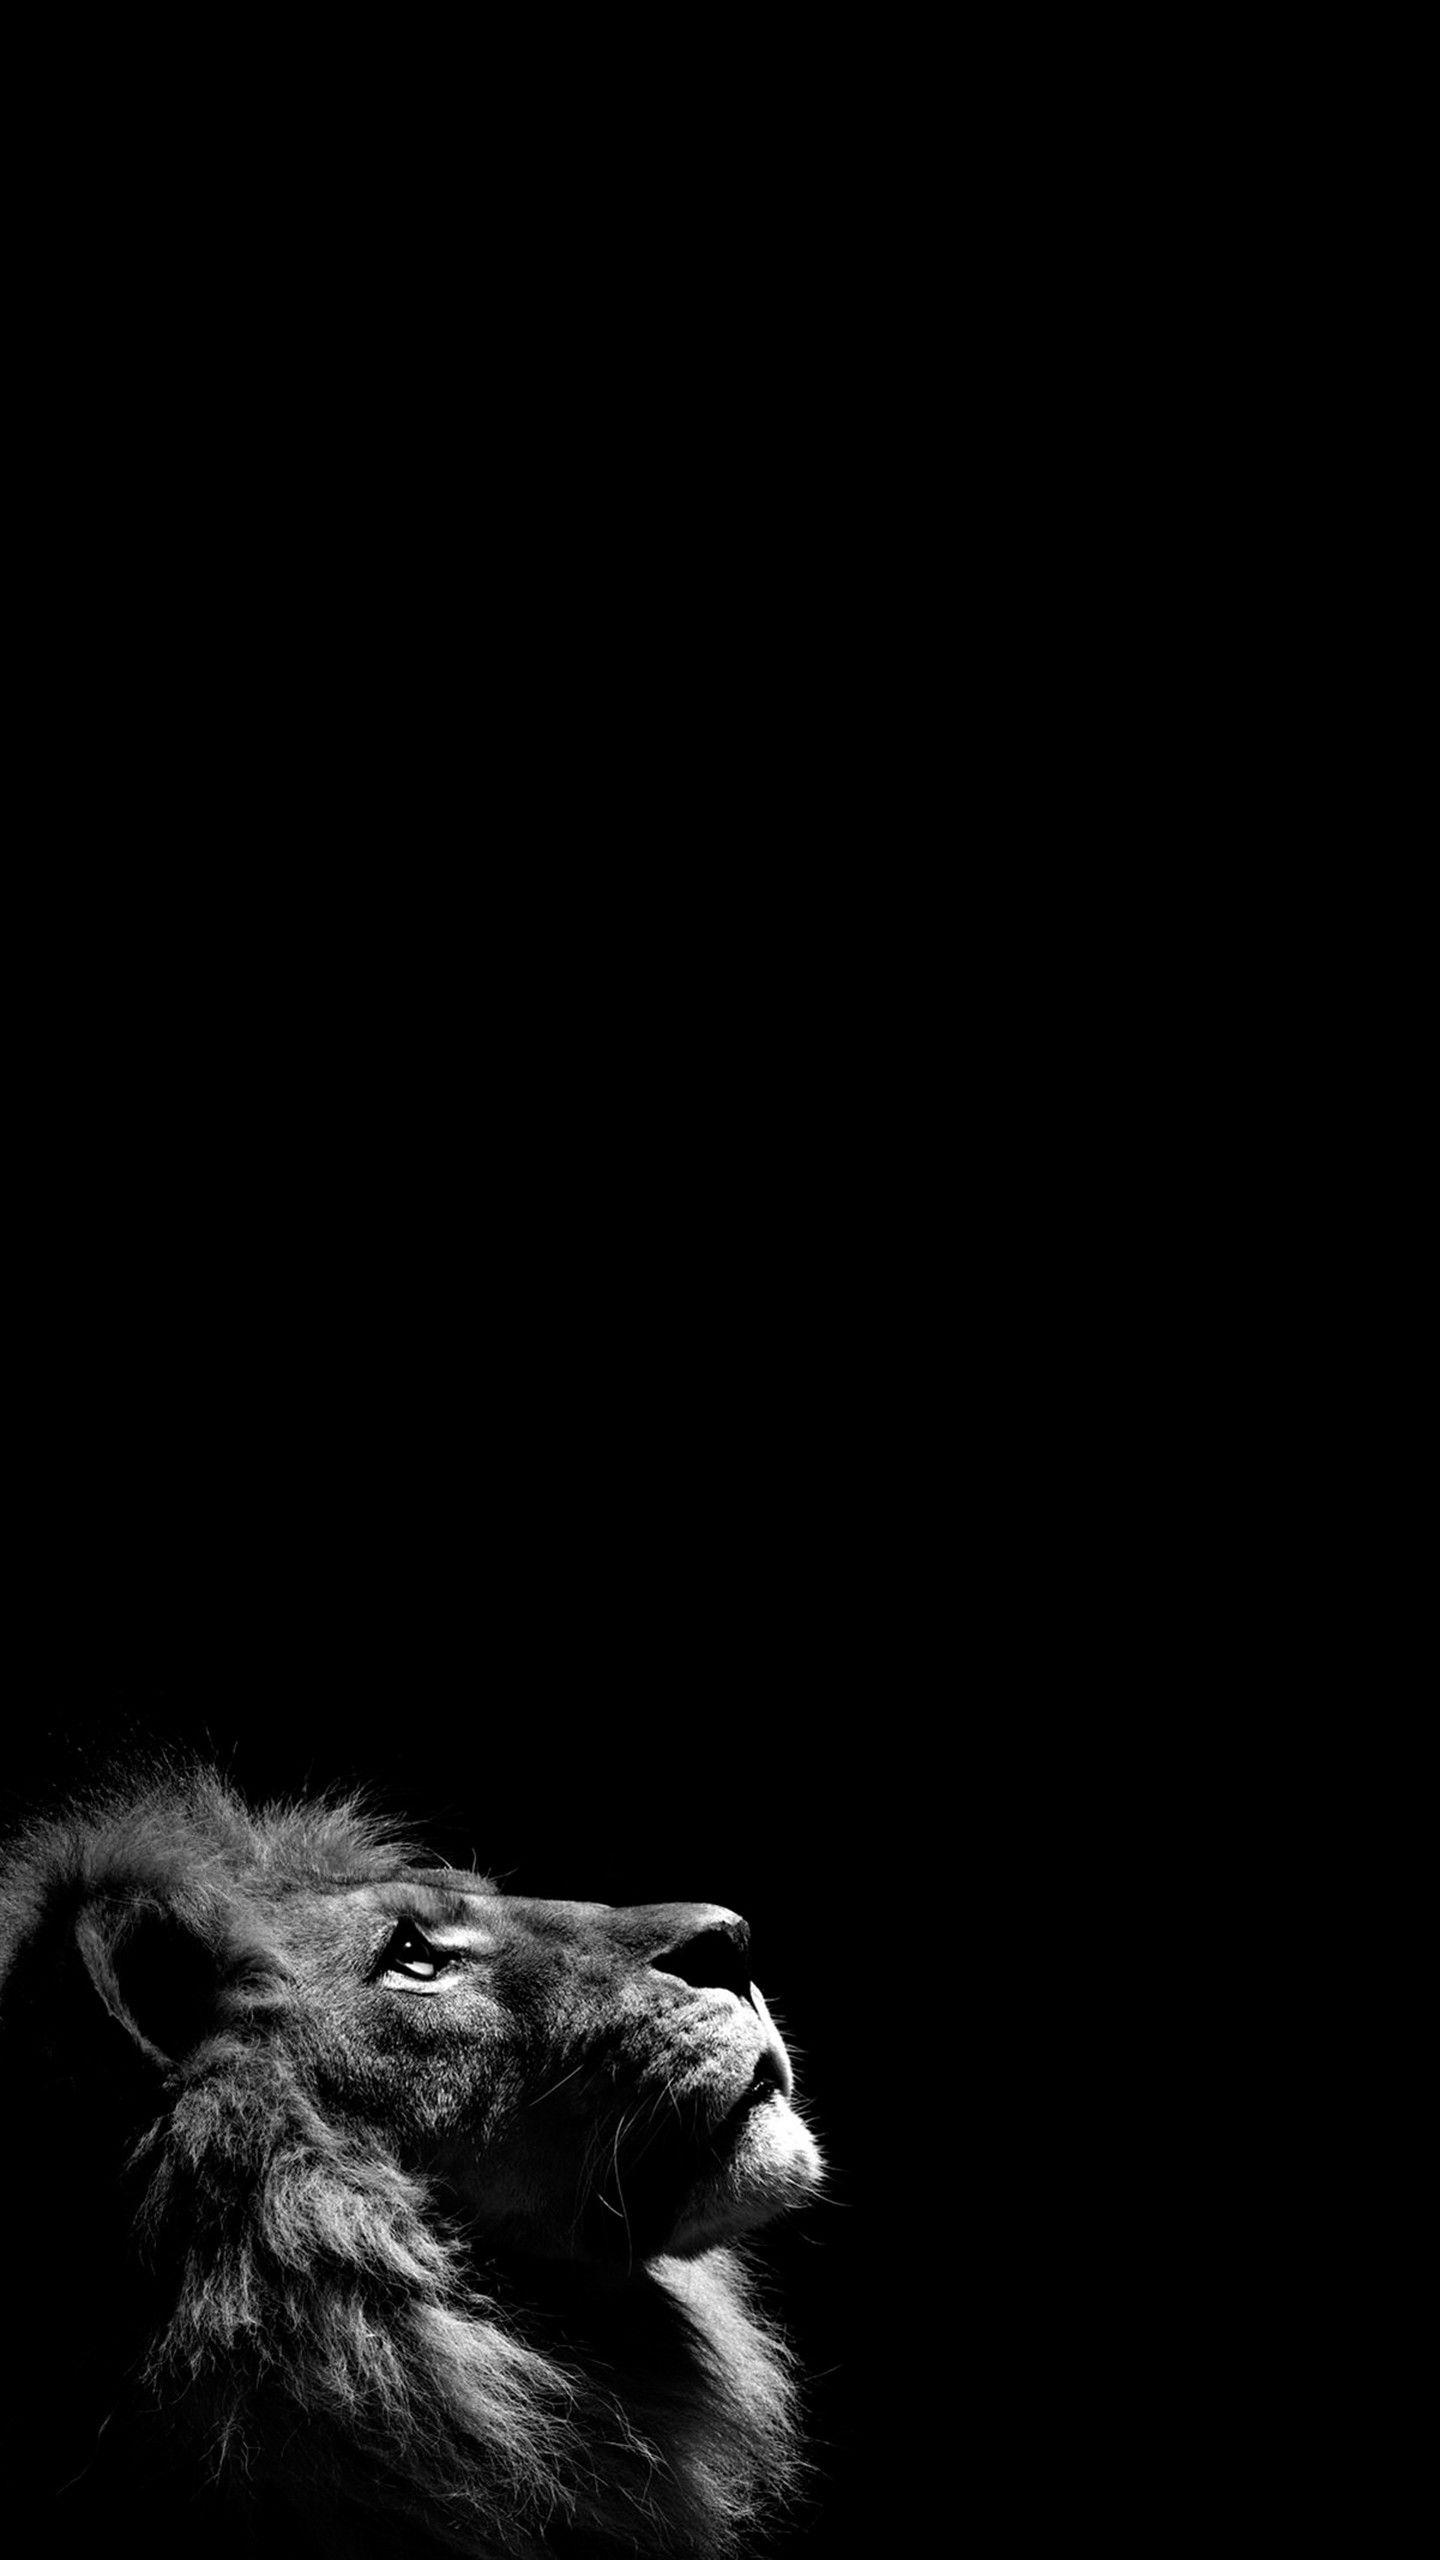 Lock Screen Wallpaper Image By Karun Karthik In 2020 Black Wallpaper Iphone Black Wallpaper Dark Wallpaper